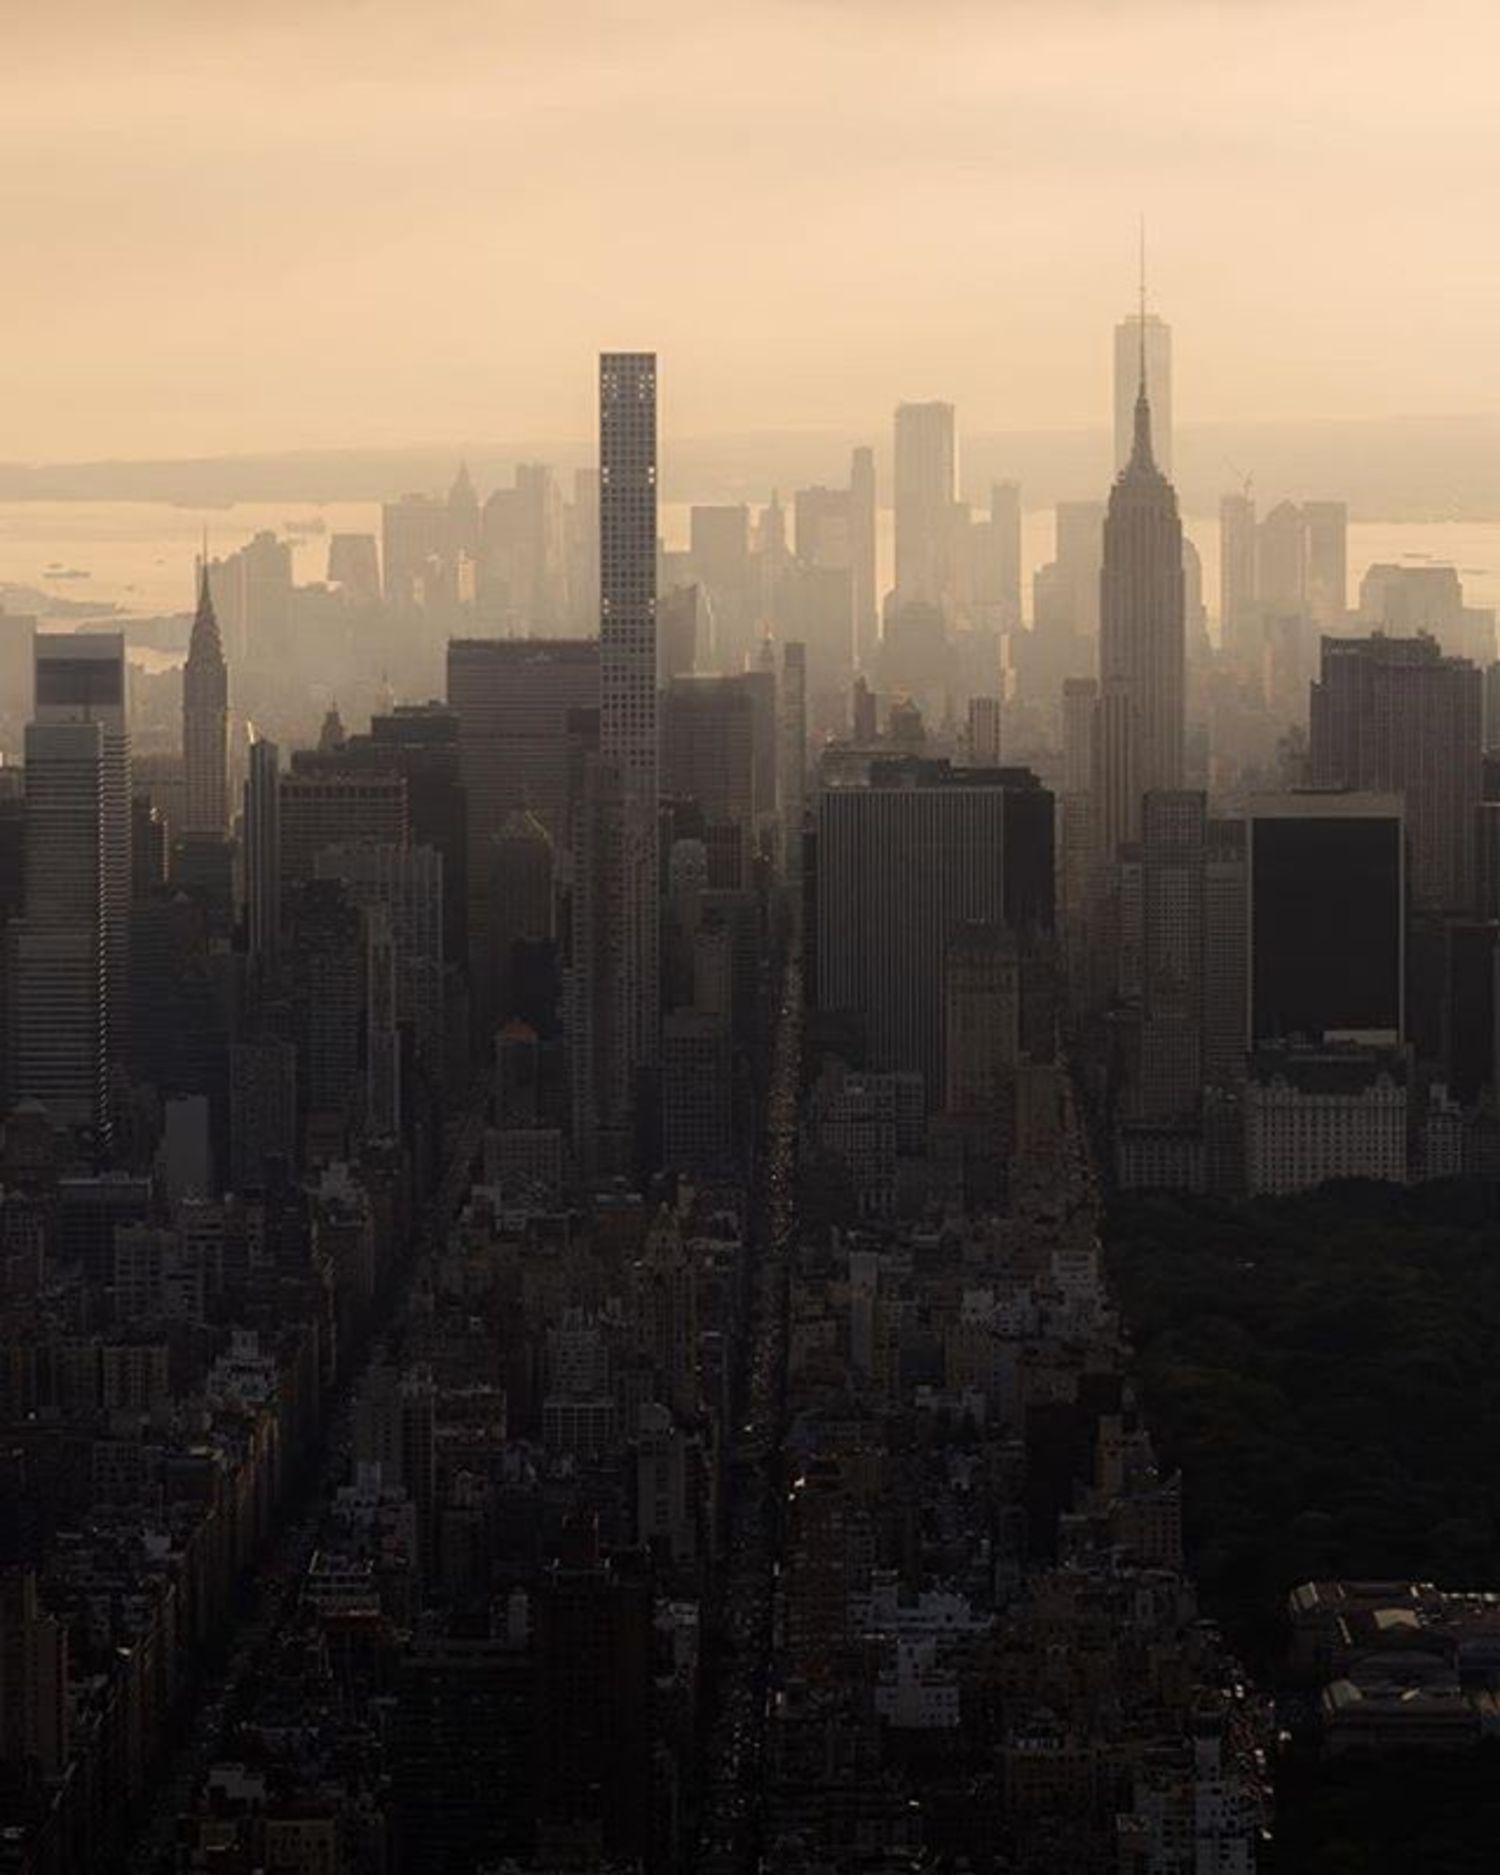 New York, New York. Photo via @killianmoore #viewingnyc #newyorkcity #newyork #nyc